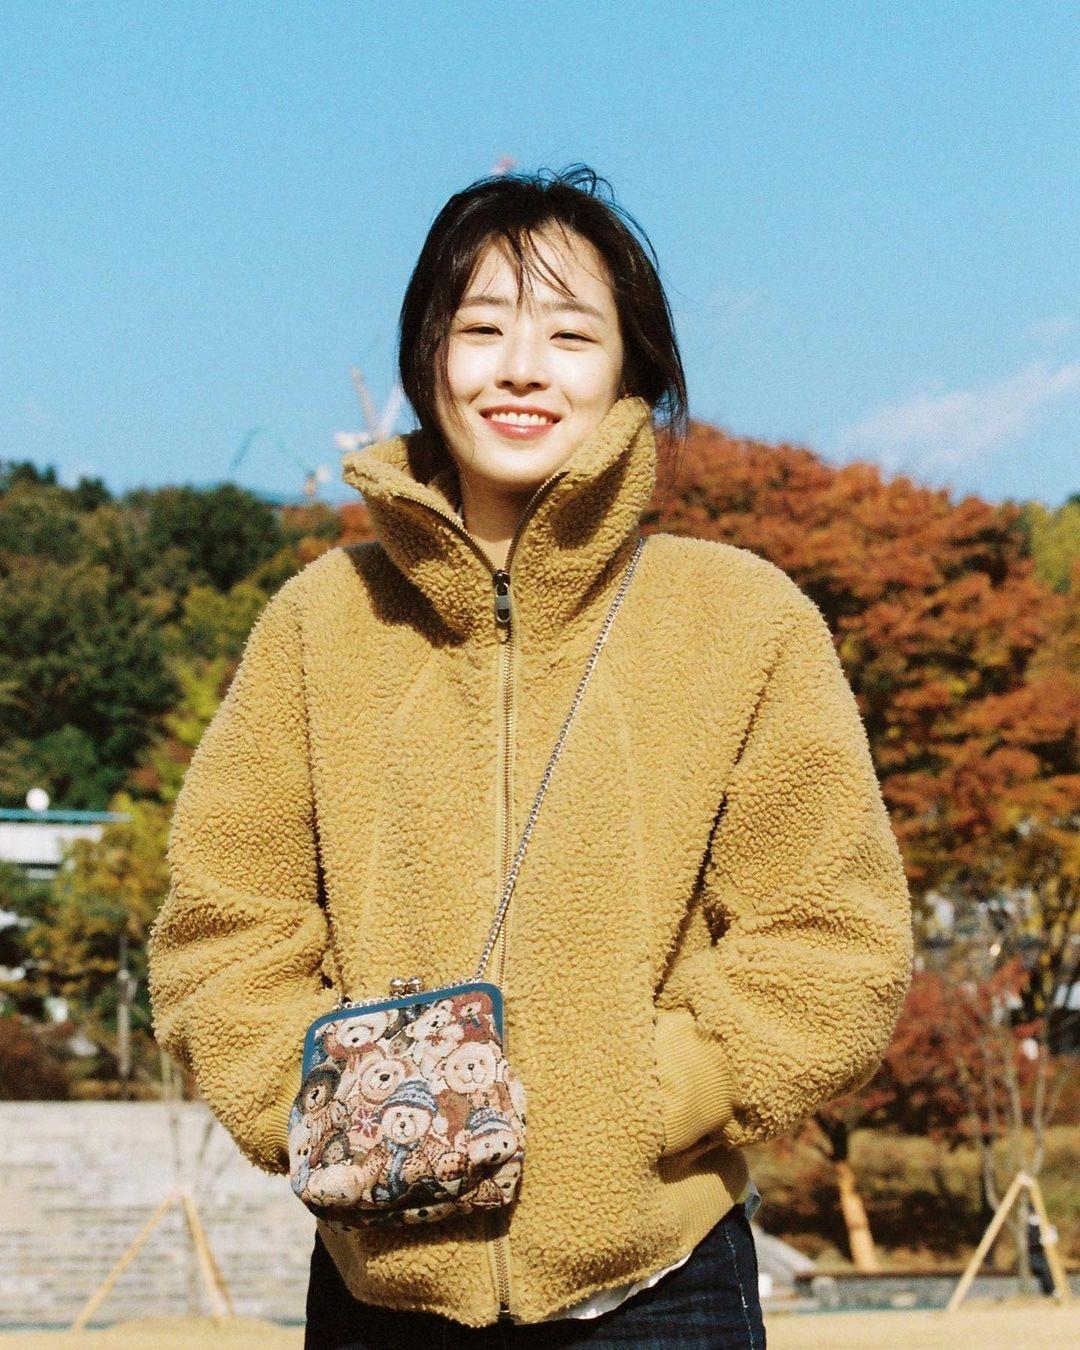 Nhan sac cʋa Choi Ye Bin anҺ 7